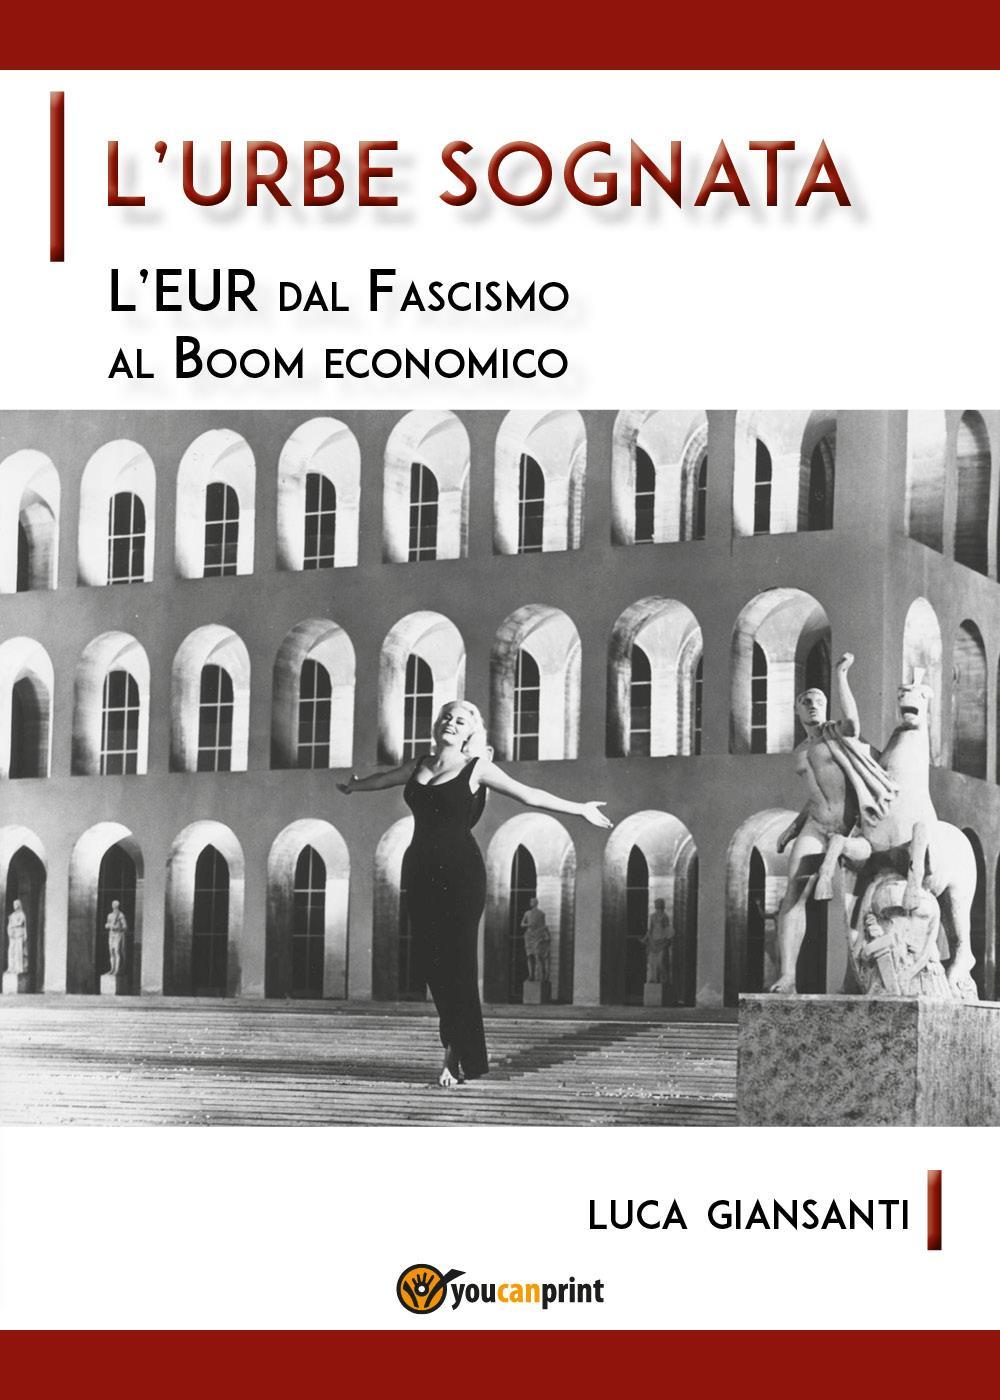 L'Urbe sognata. L'EUR dal fascismo al Boom economico.